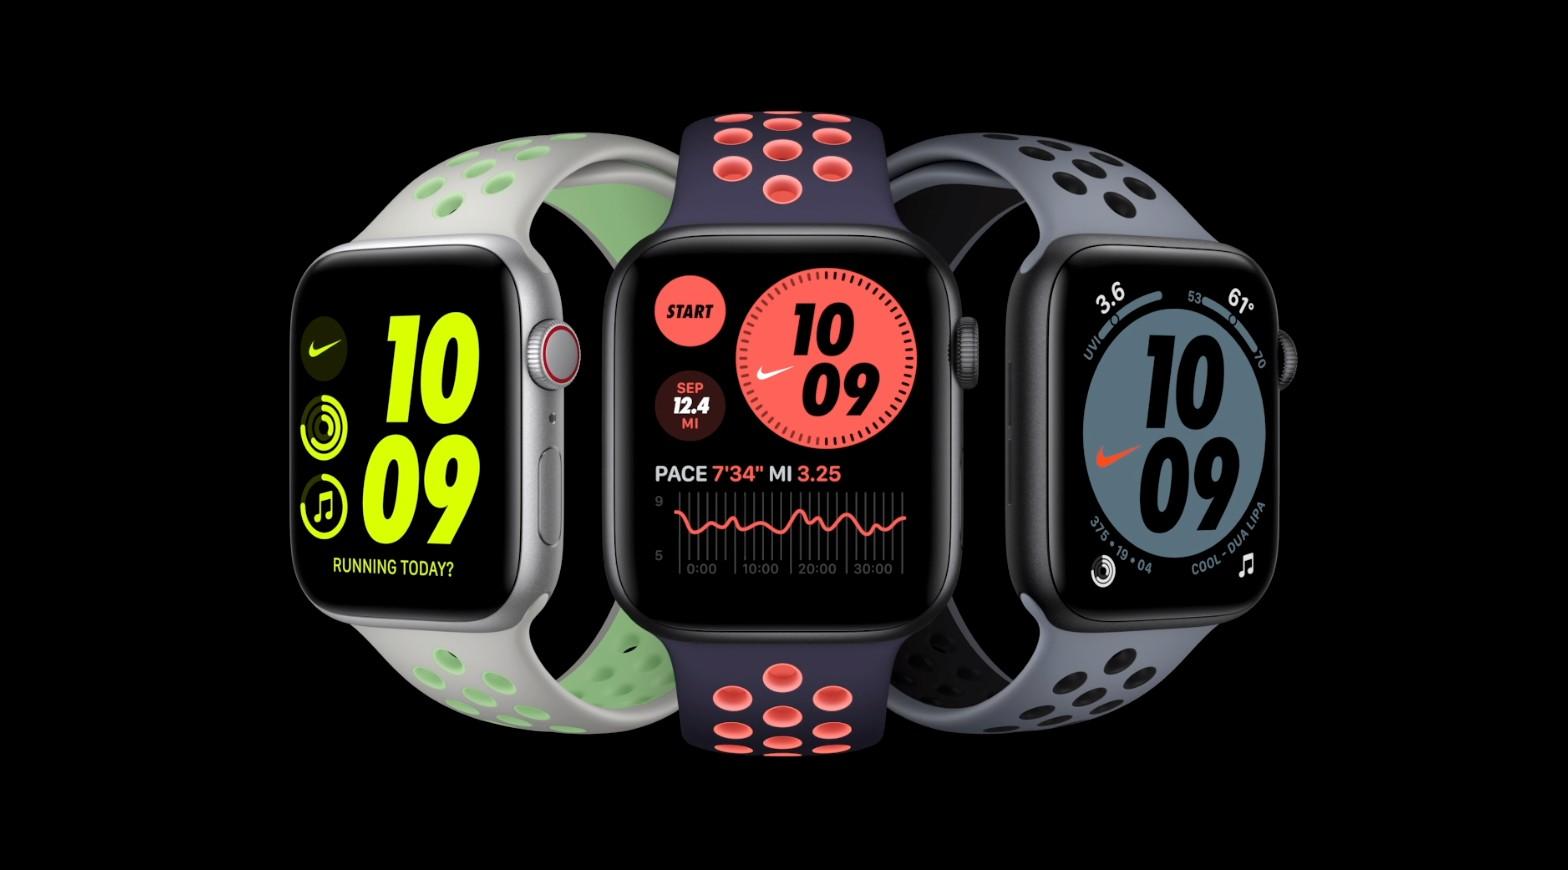 Apple Watch Serie 6 e Watch SE ufficiali: nuove funzionalità allo stesso prezzo 2